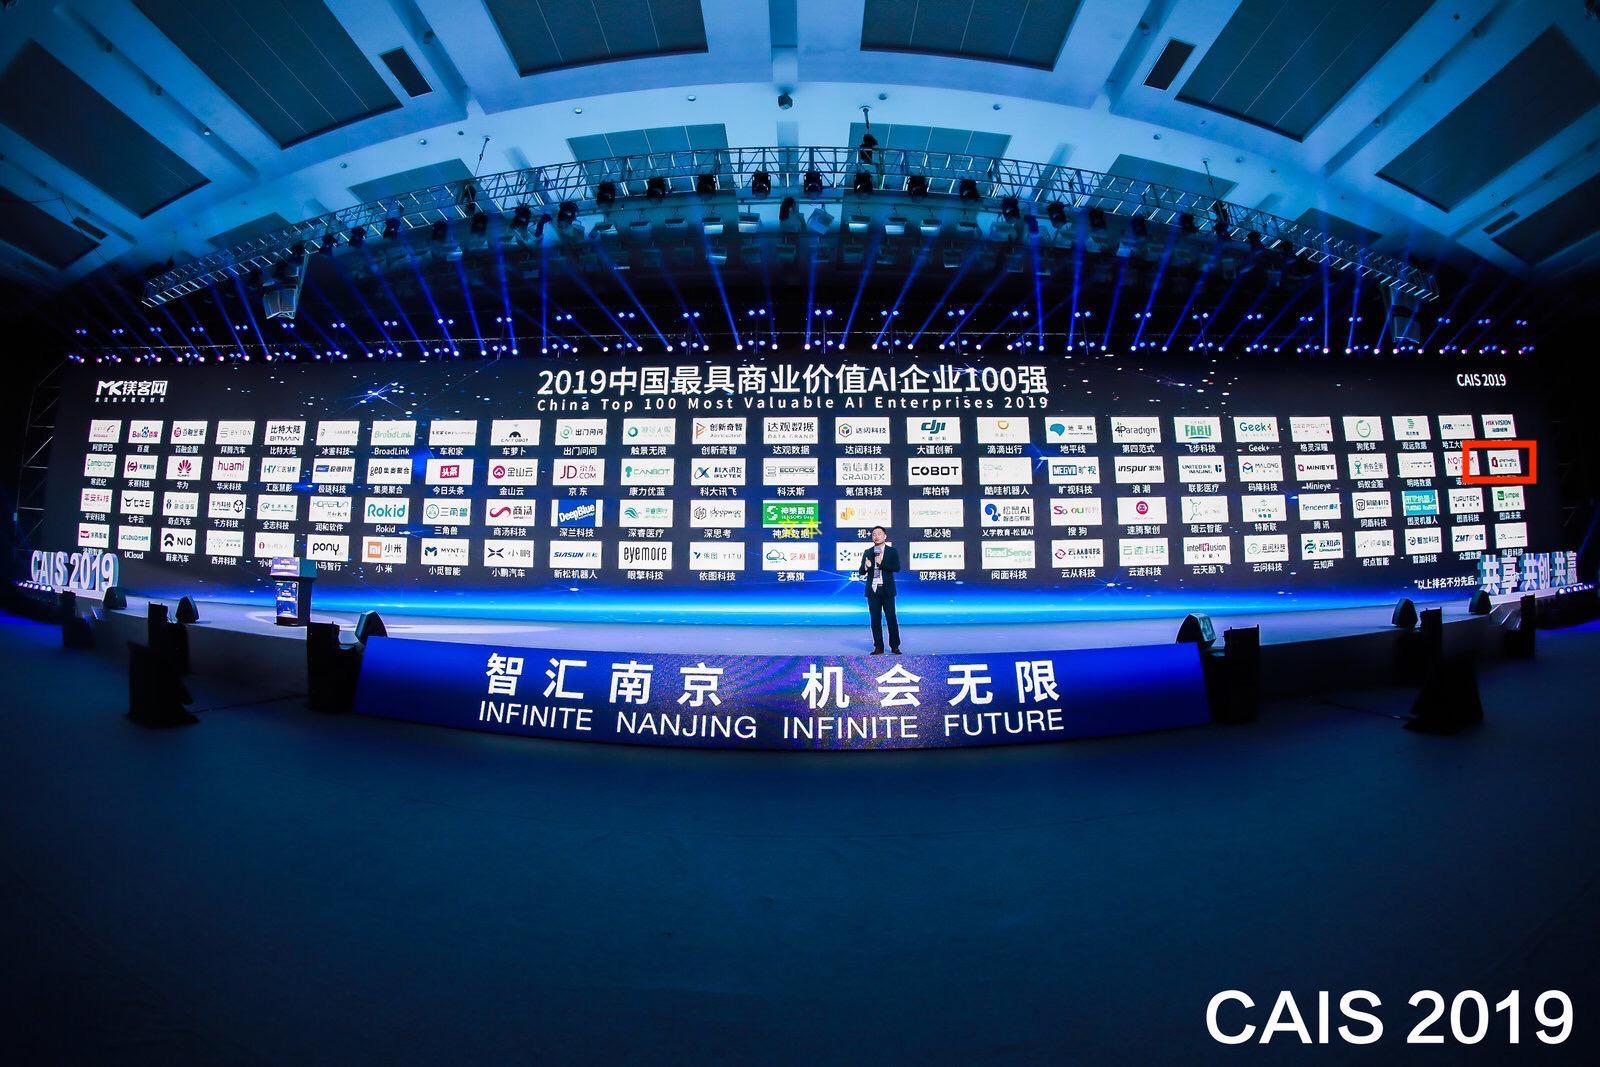 中国最具商业价值AI企业100强重榜发布 品友凭借智能决策引擎强势入选